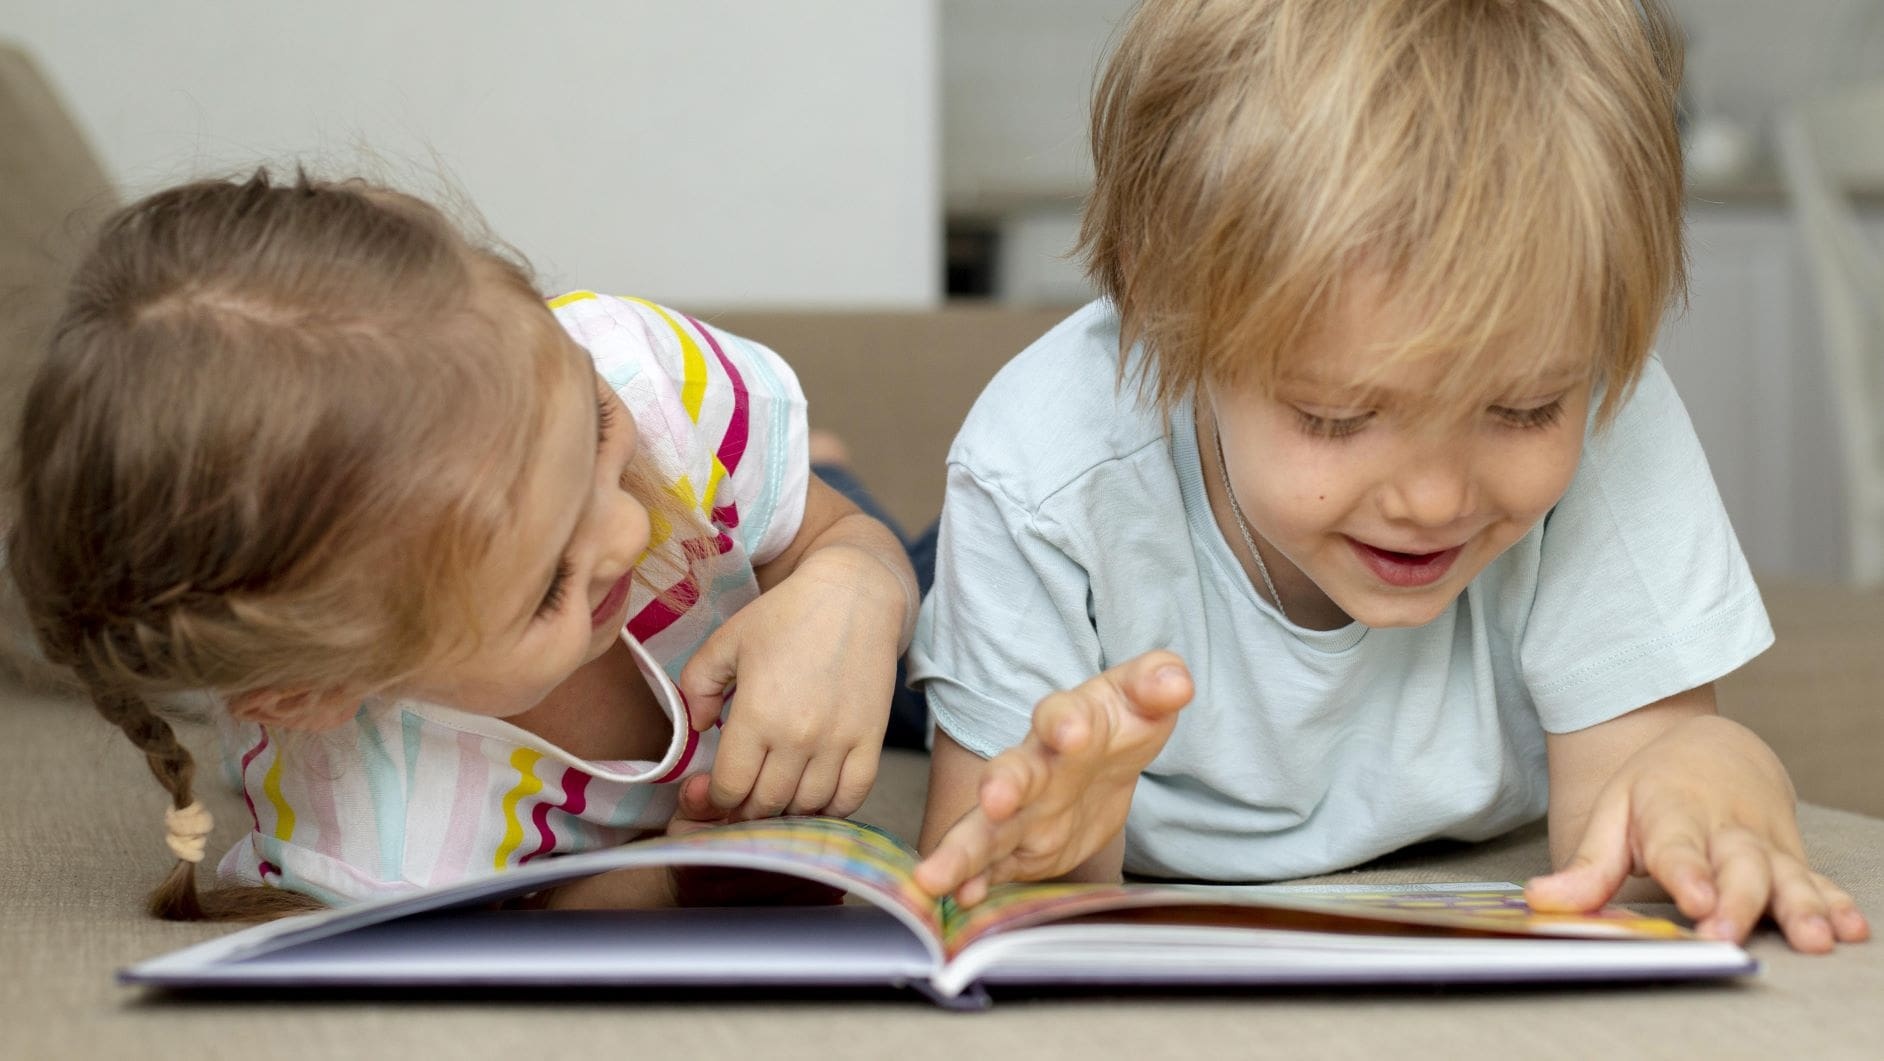 Mejores metodologías educacionales sabiendo neurociencia